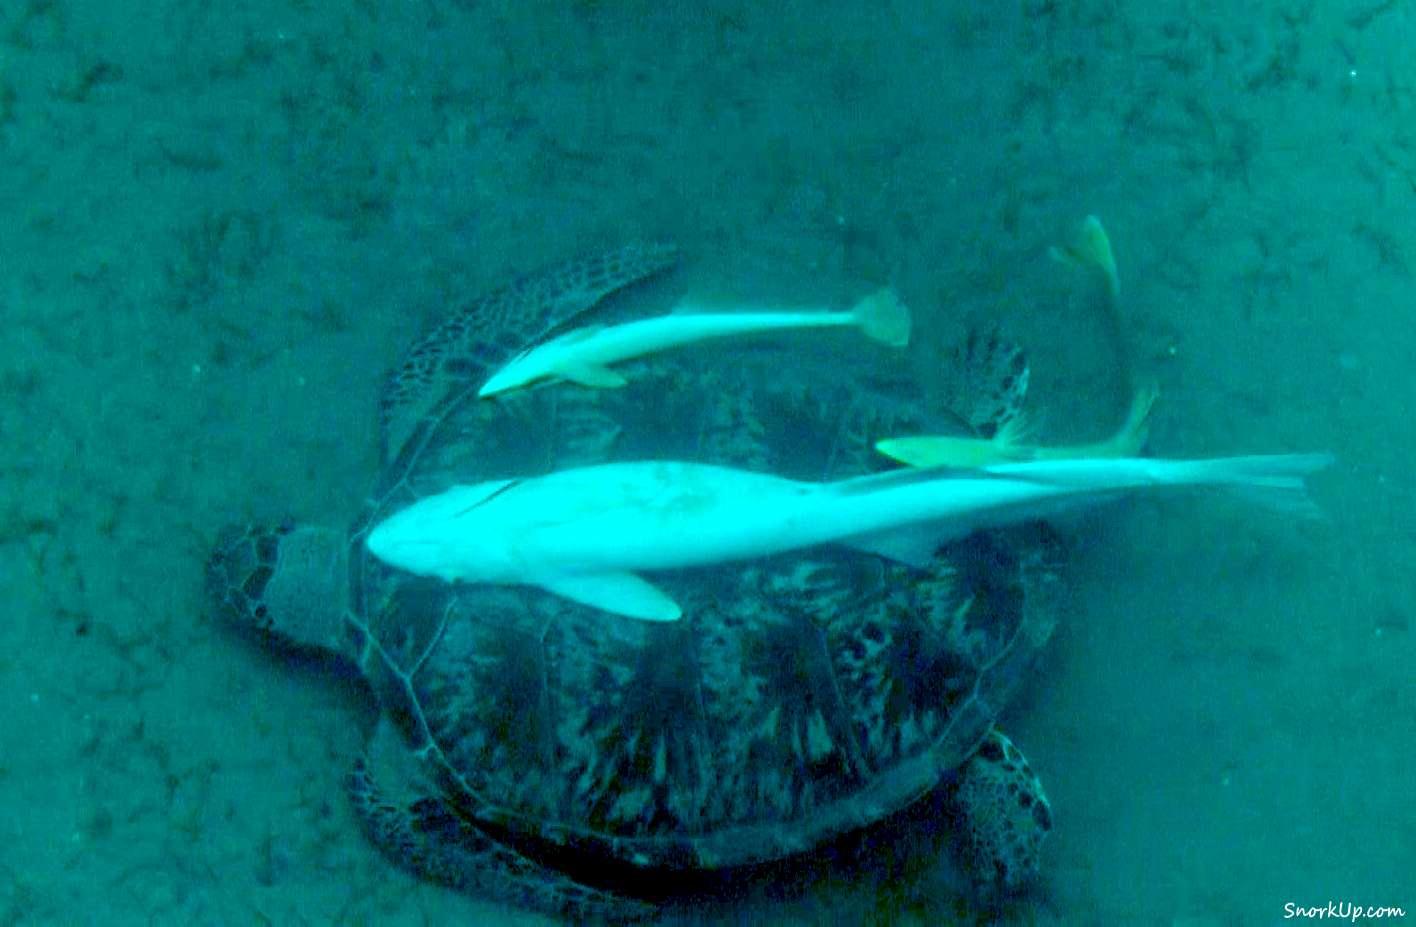 Chelonia mydas - рыбы-прилипалы могут быть длиннее своего «транспортного средства»